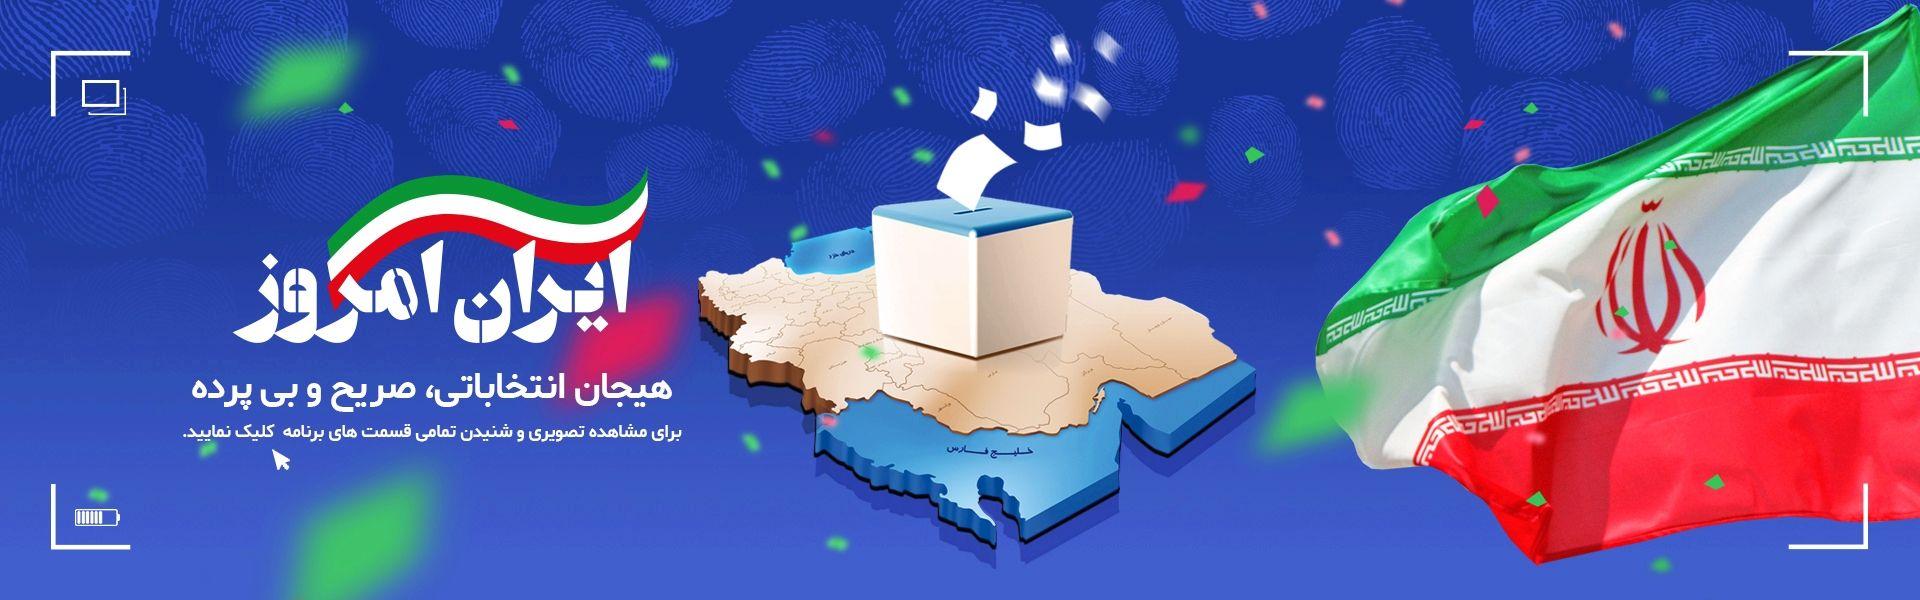 ایران امروز انتخاباتی